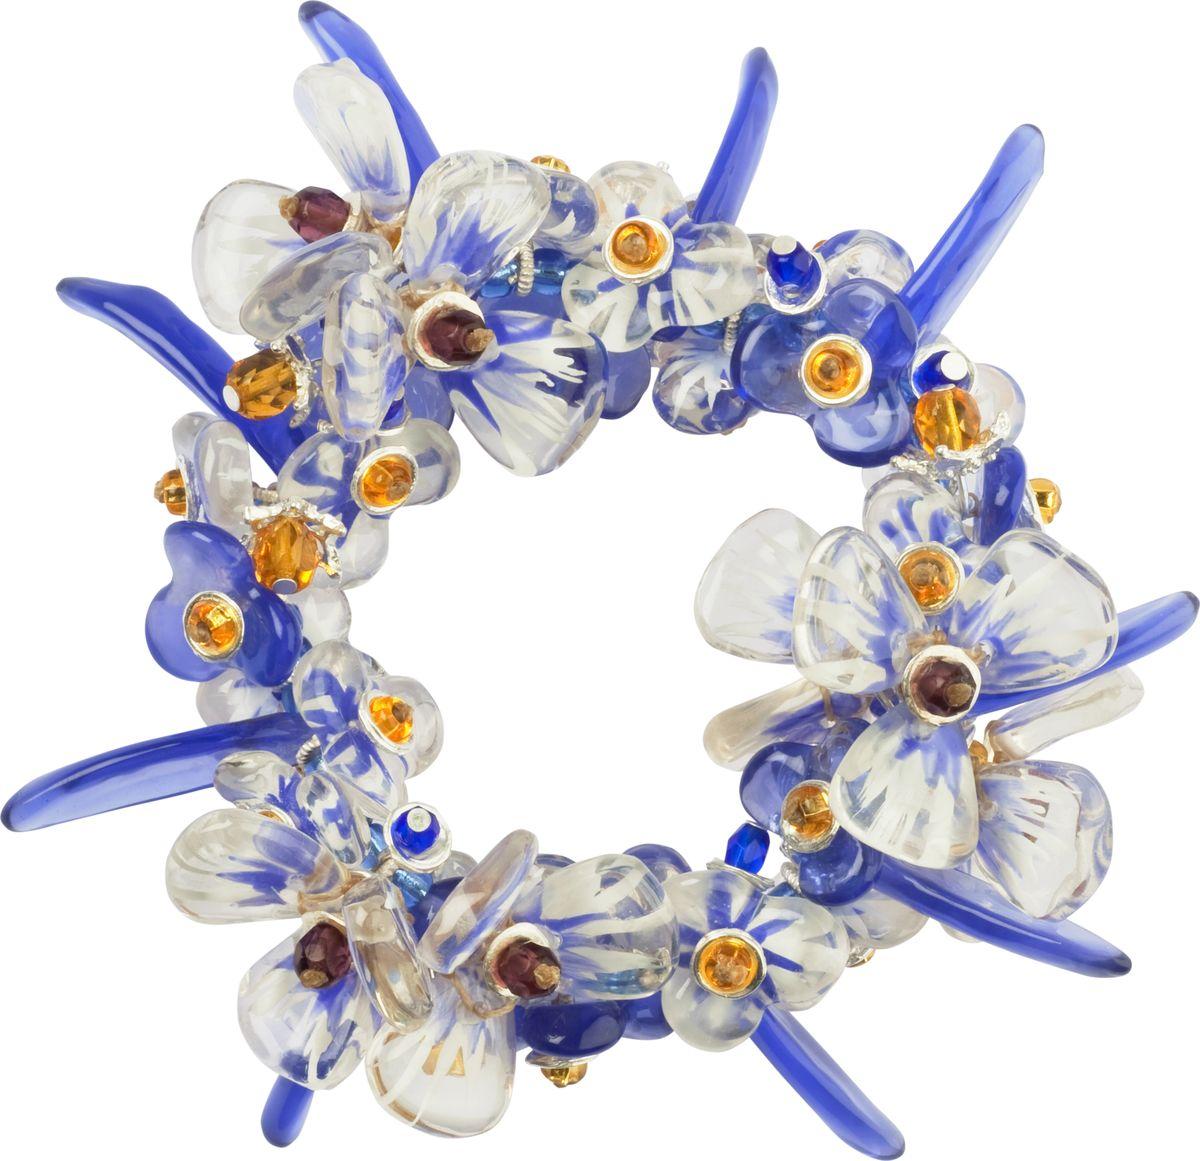 Браслет Lalo Treasures, цвет: синий, прозрачный. B2433/3B2433/3Яркие дизайнерские акссесуары от Lalo Treasures станут отличным дополнением к Вашему стилю